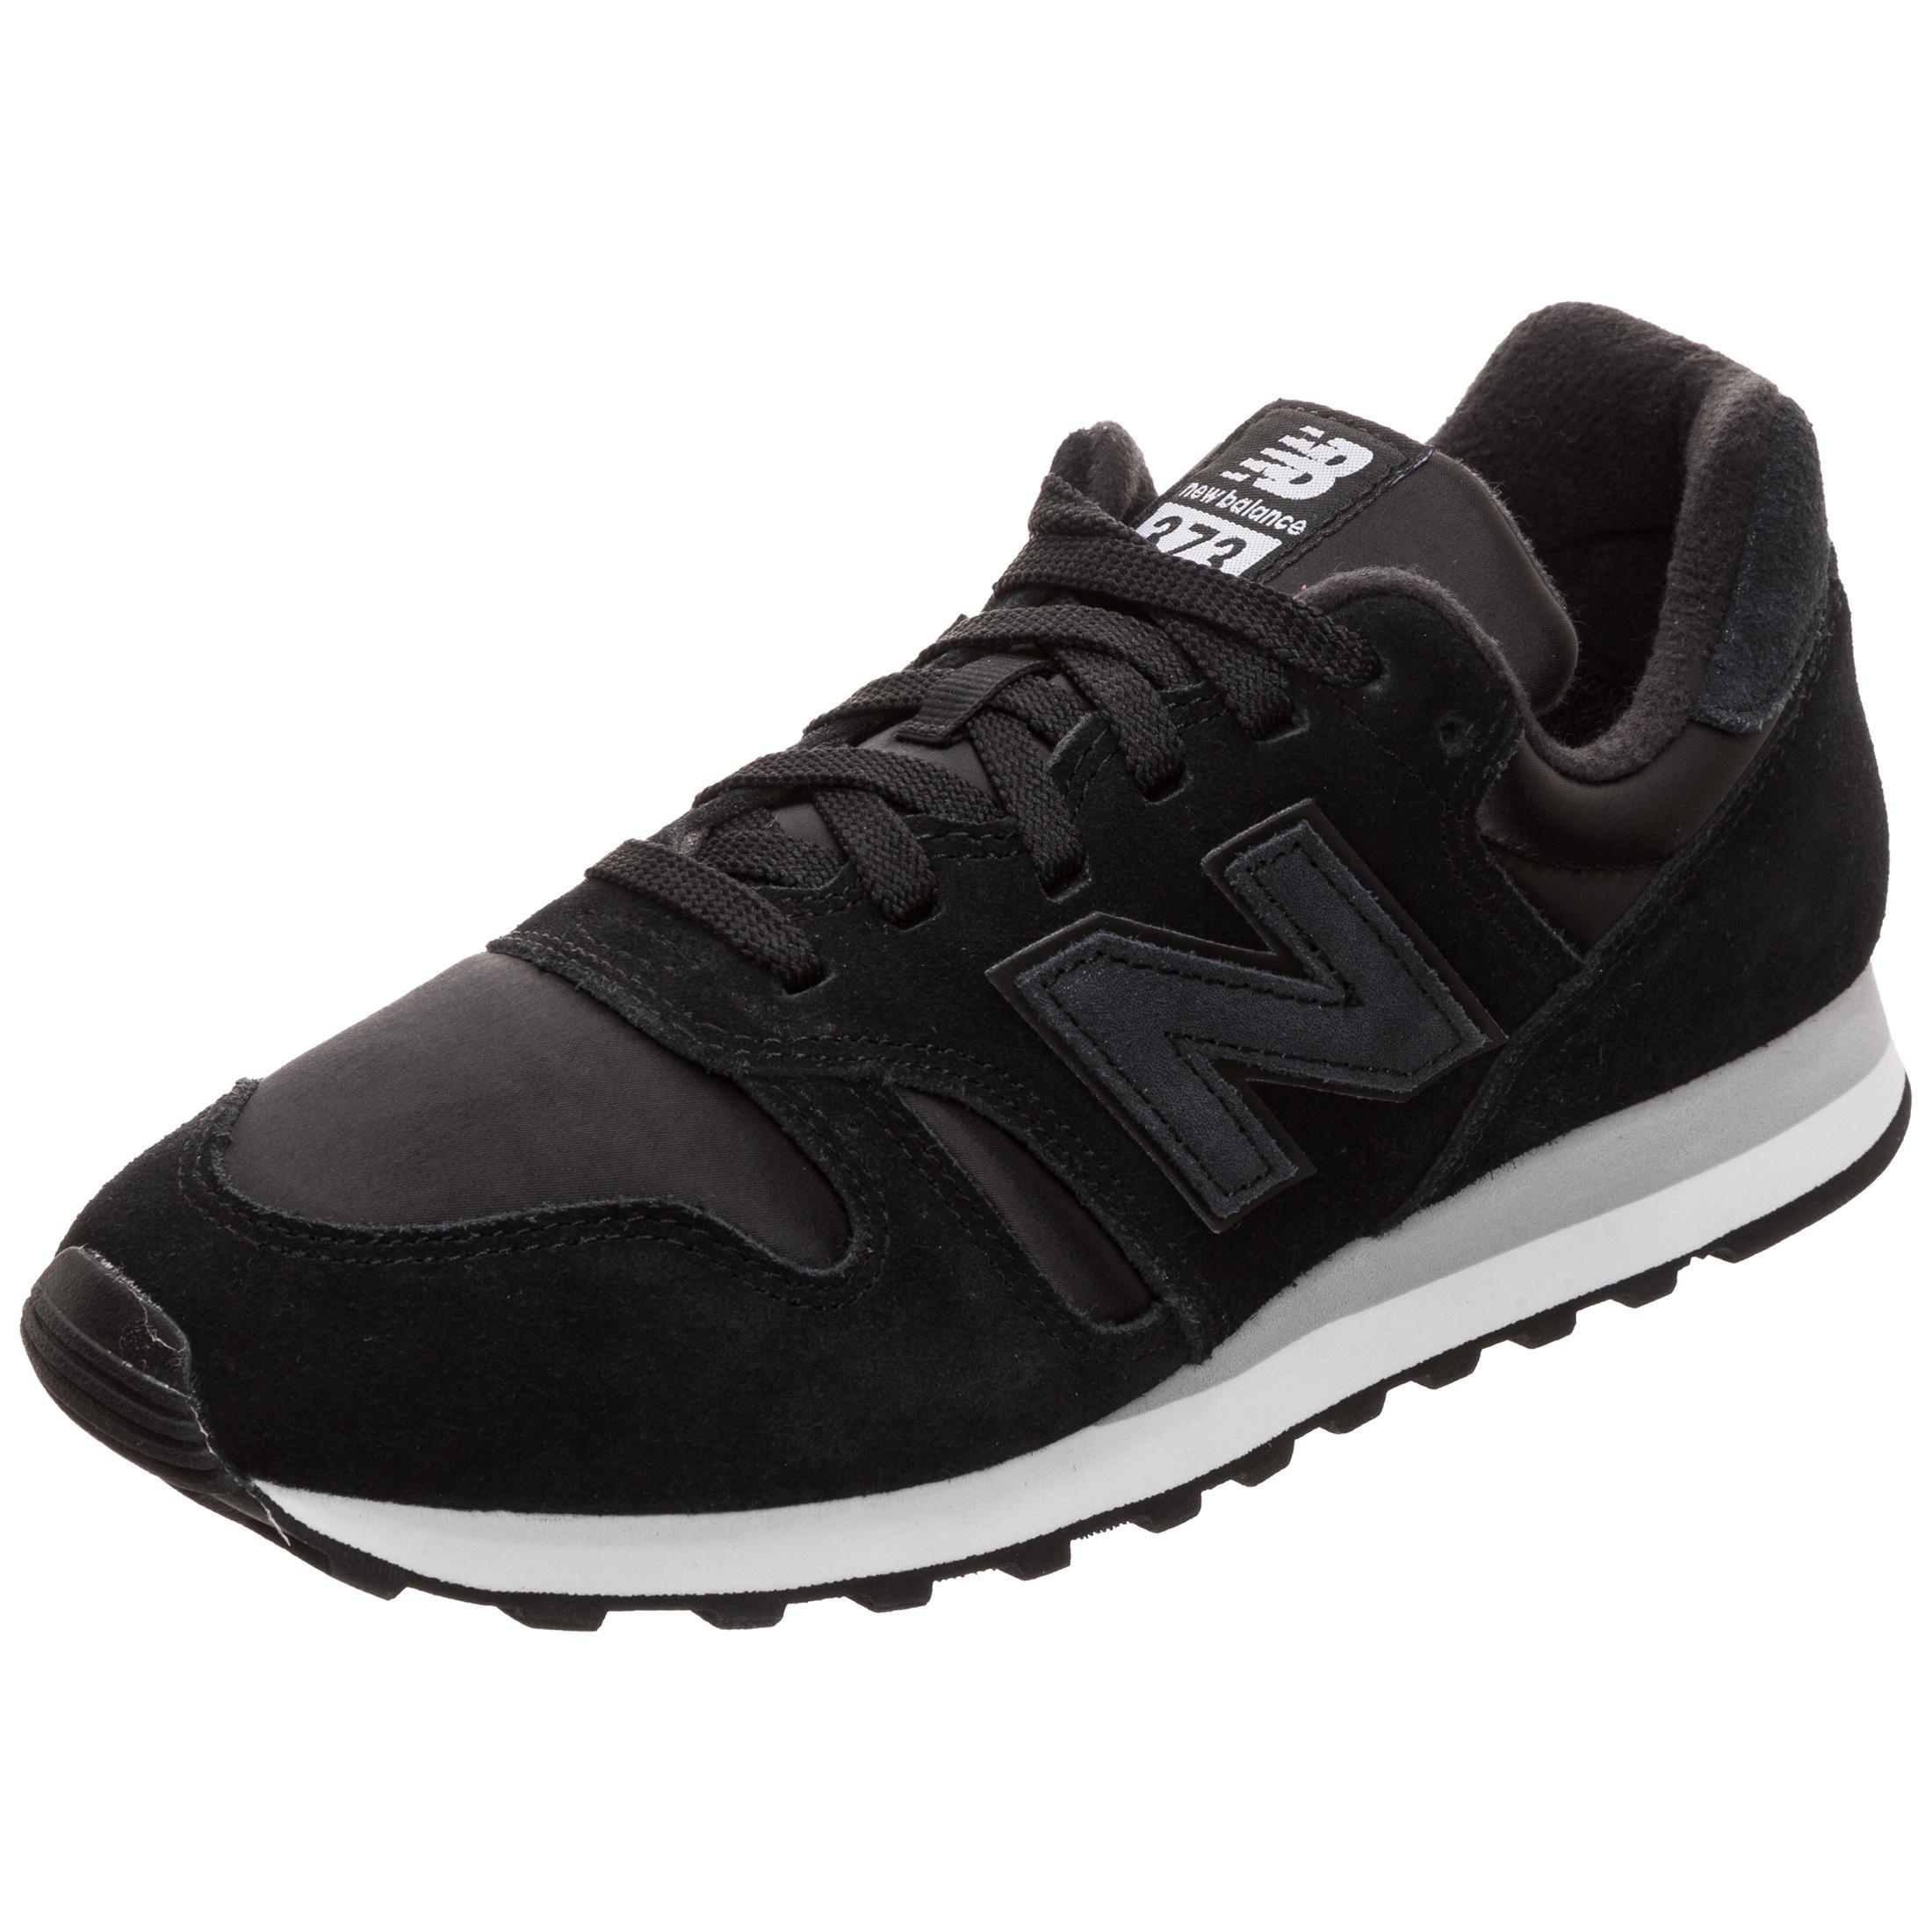 NEW BALANCE WL373-KSP-B Sneaker Damen schwarz / grau im Online Shop von  SportScheck kaufen